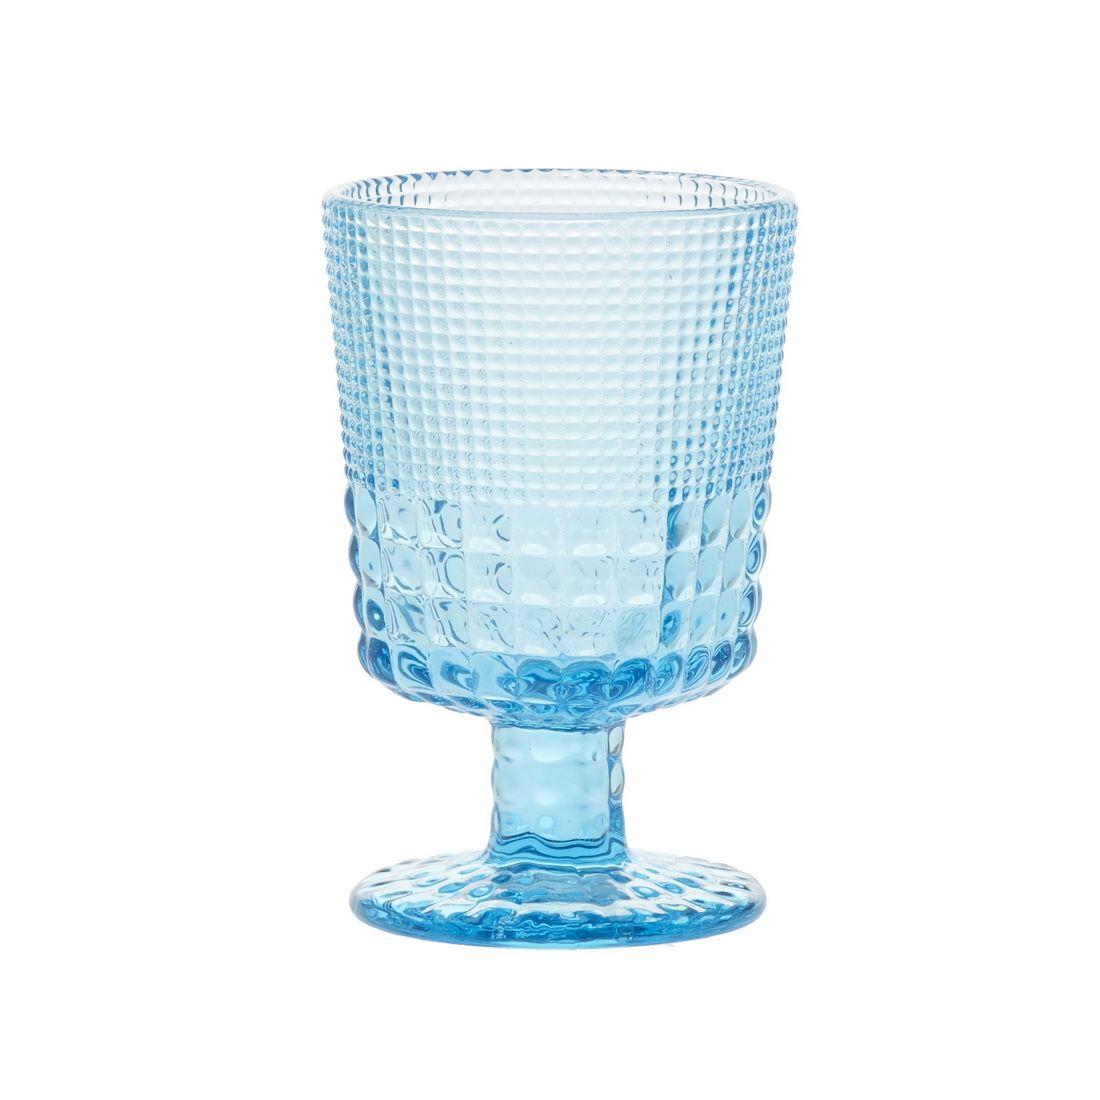 Бокал для белого вина Royal dropsБокал для белого вина Ройял дропс известного производителя Магиа Густо станет эстетичным дополнением изысканной сервировки стола. Он будет уместен не только в праздничные дни, но и на семейных обедах и ужинах. Эта емкость удобна для любых напитков, в том числе воды, сока, морса. Бокал отлит из красивого голубого стекла, которое поможет создать великолепную цветовую гамму как на посудной полке, так и в ряду сервированных праздничных приборов. Стекло прочное и легко отмывается.<br>